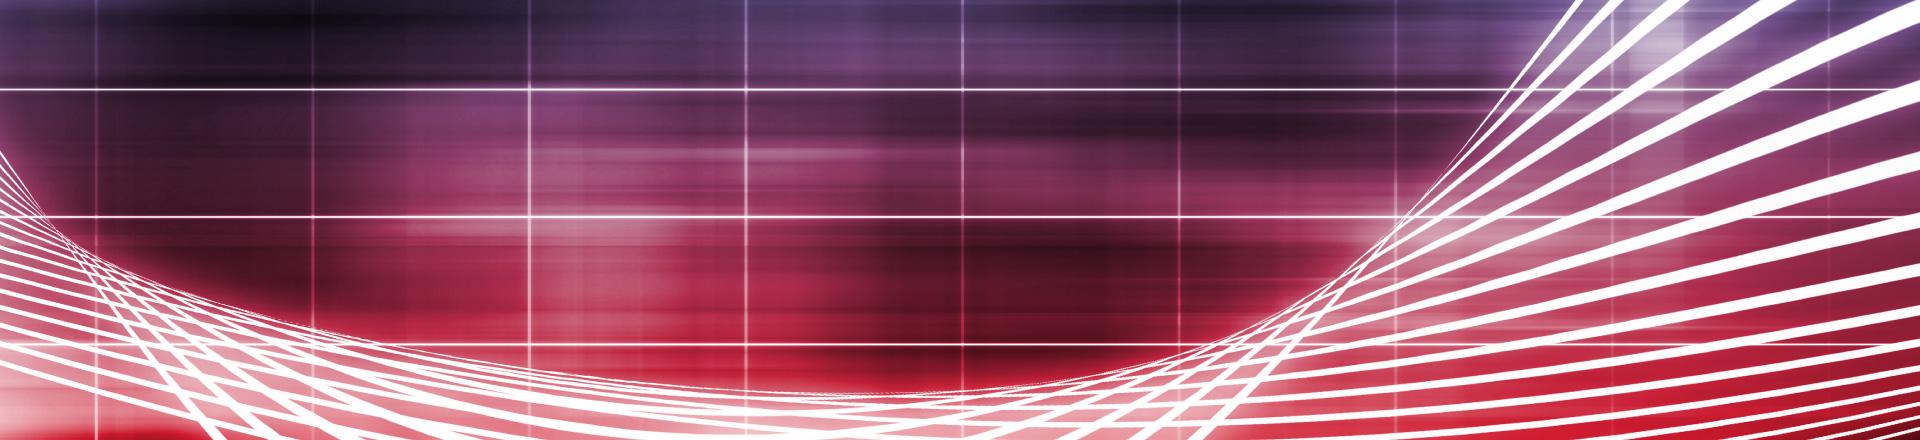 header-media-1920×440